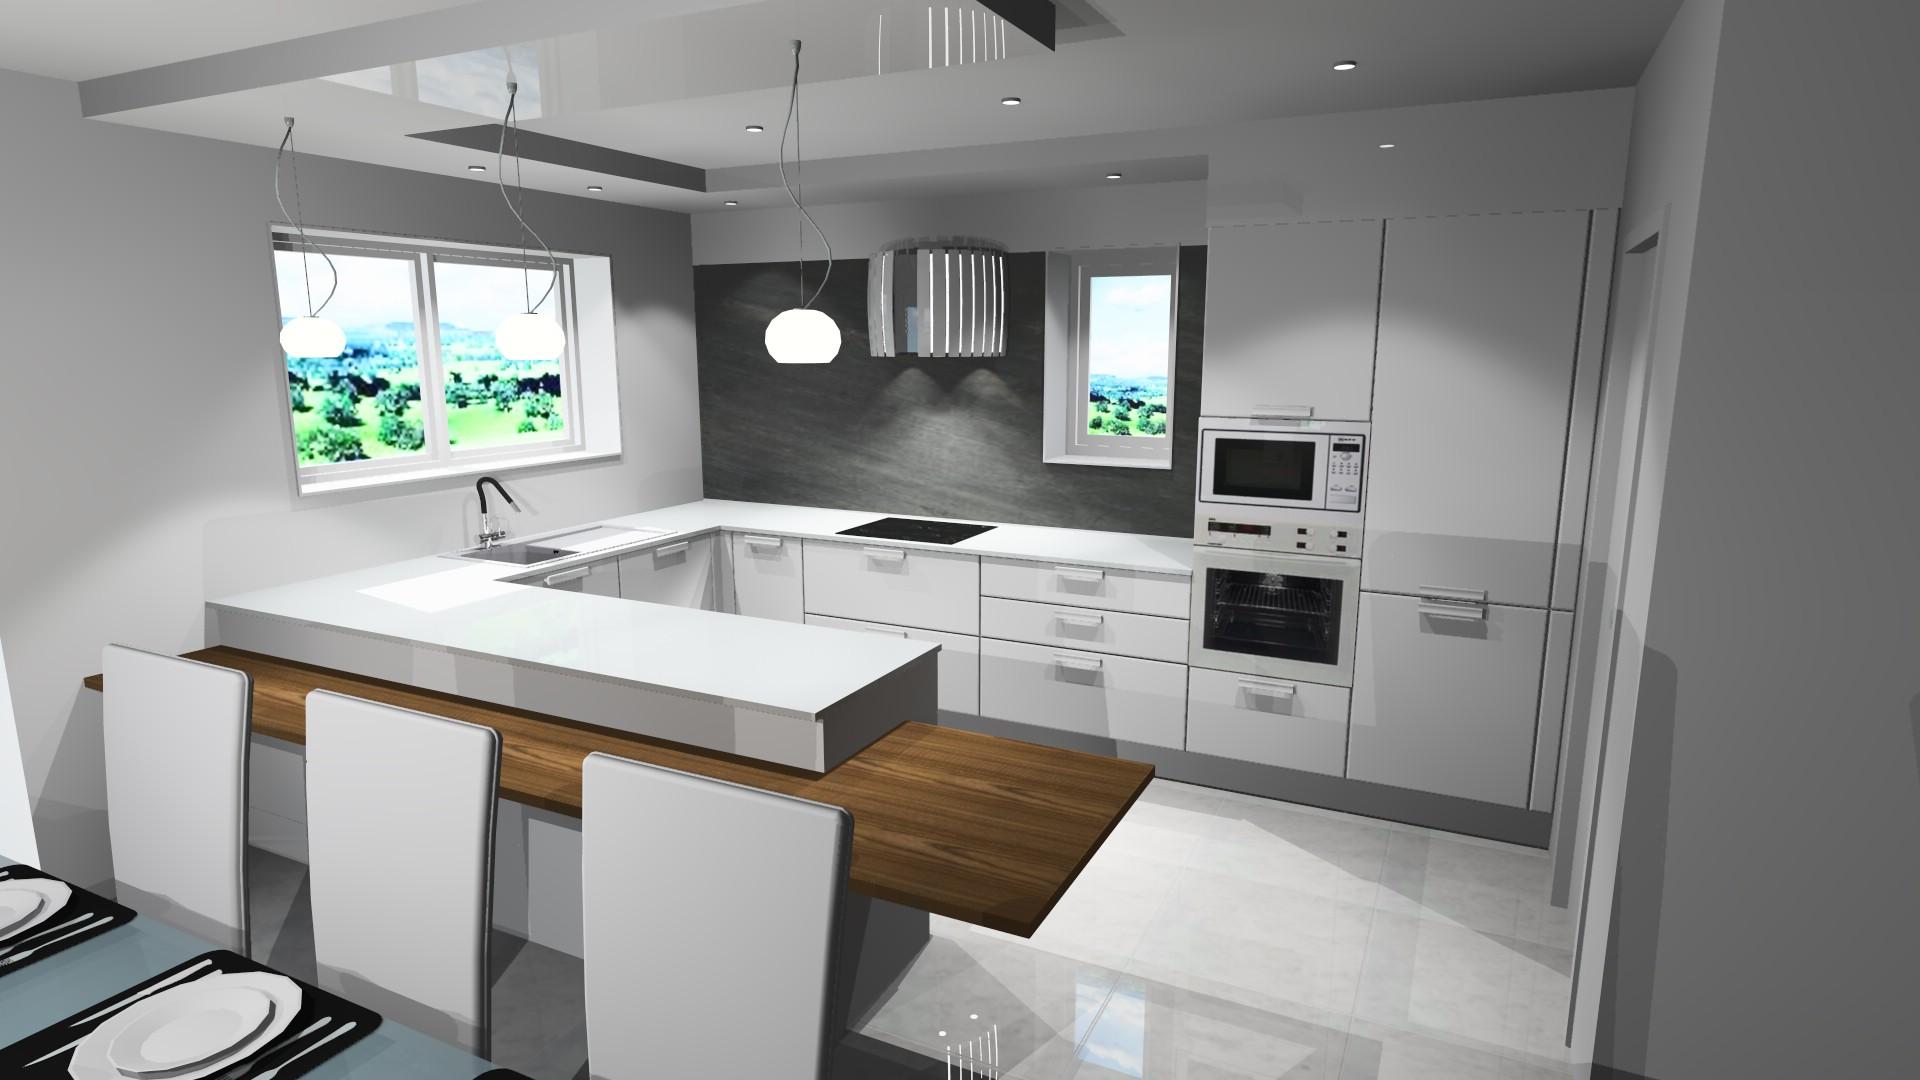 Conception cuisine en ligne nouveau design juicer outil for Outil conception cuisine gratuit